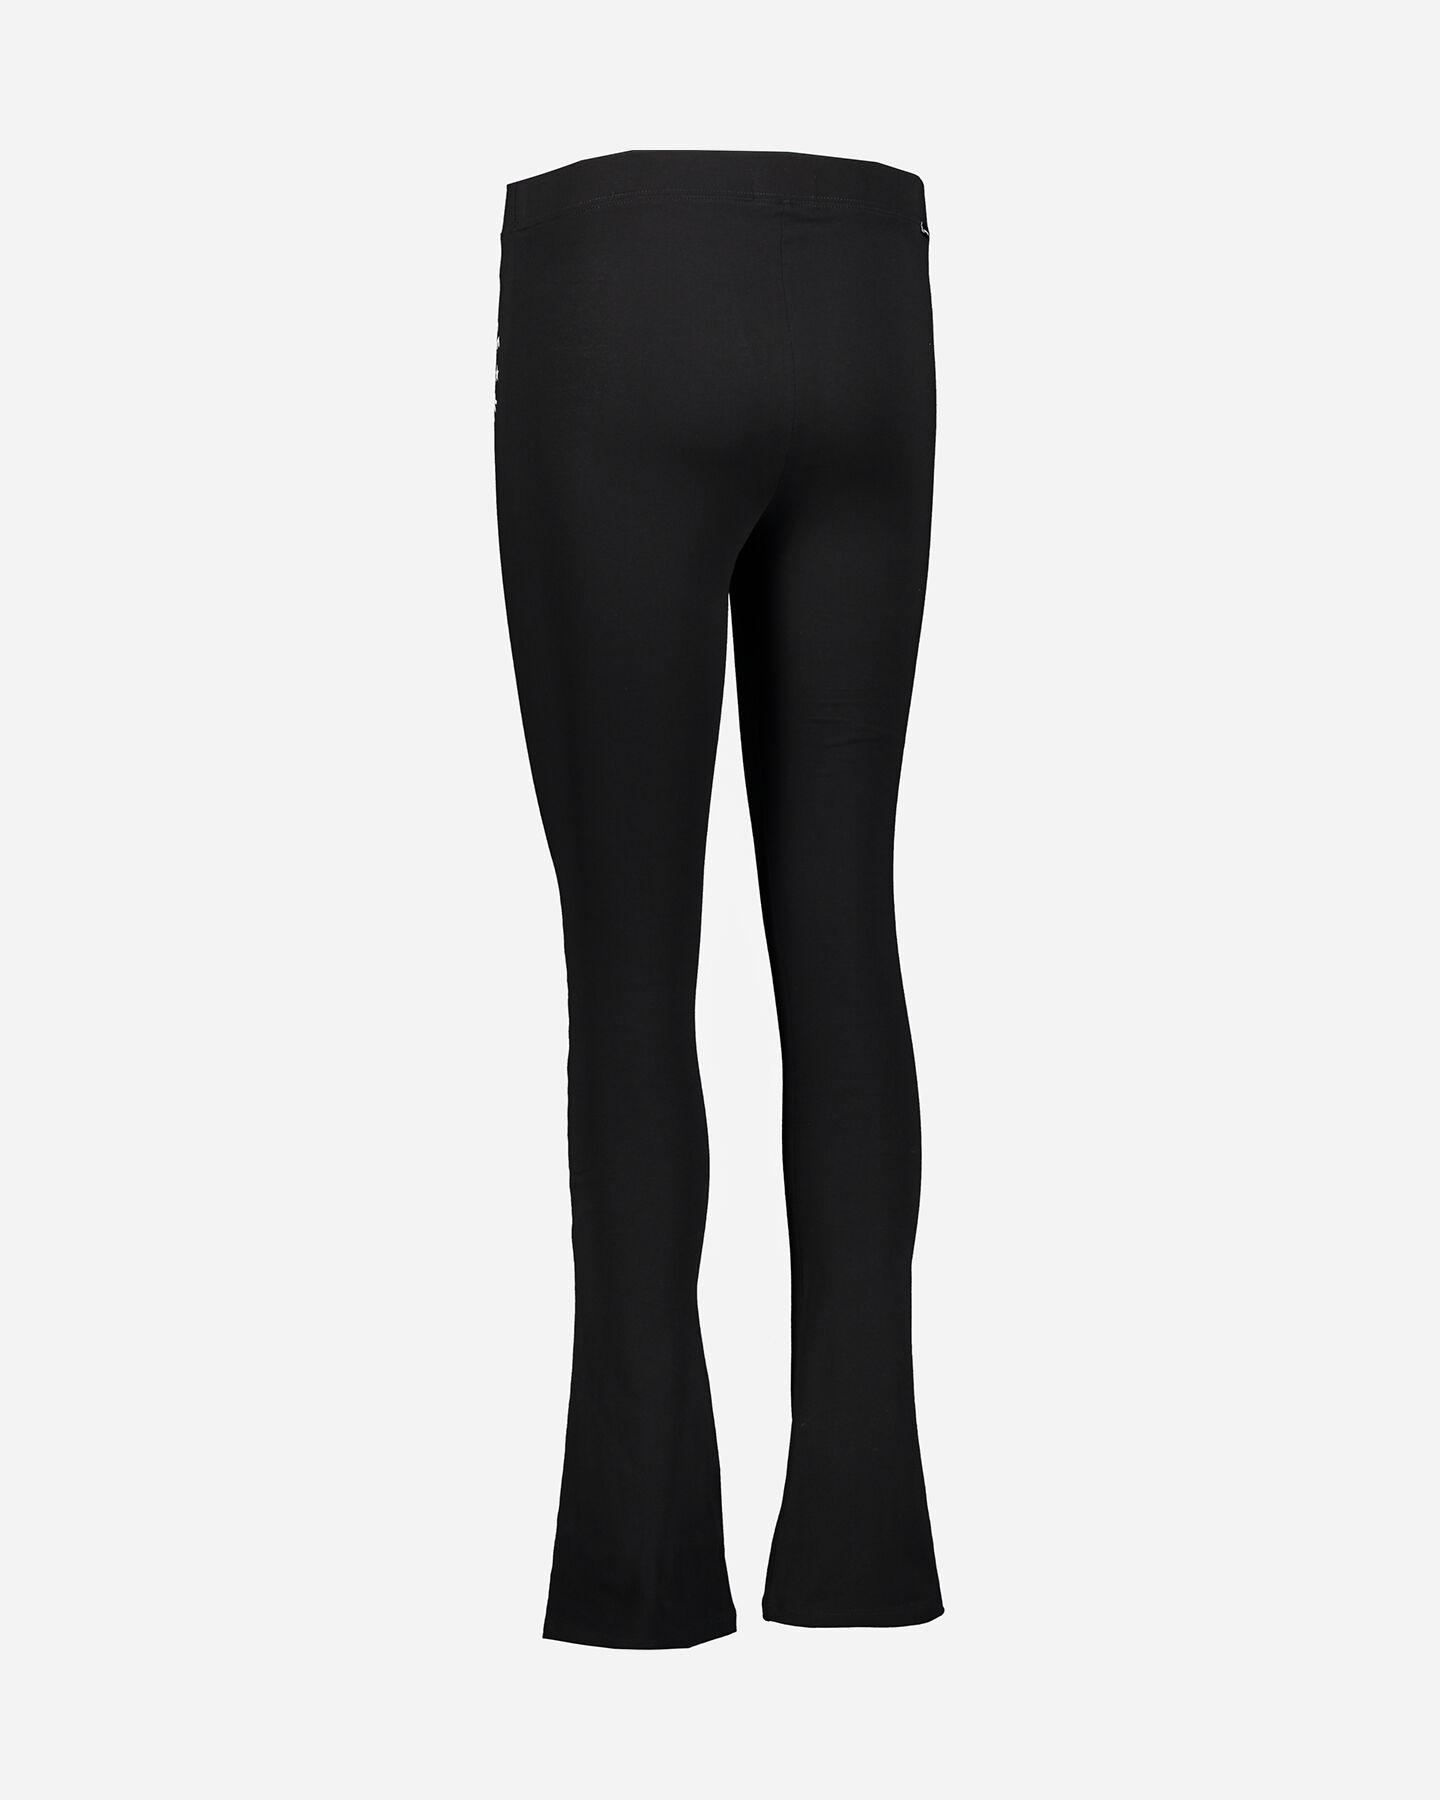 Jeans CONVERSE LOGO CLASSIC W S5181162 scatto 2